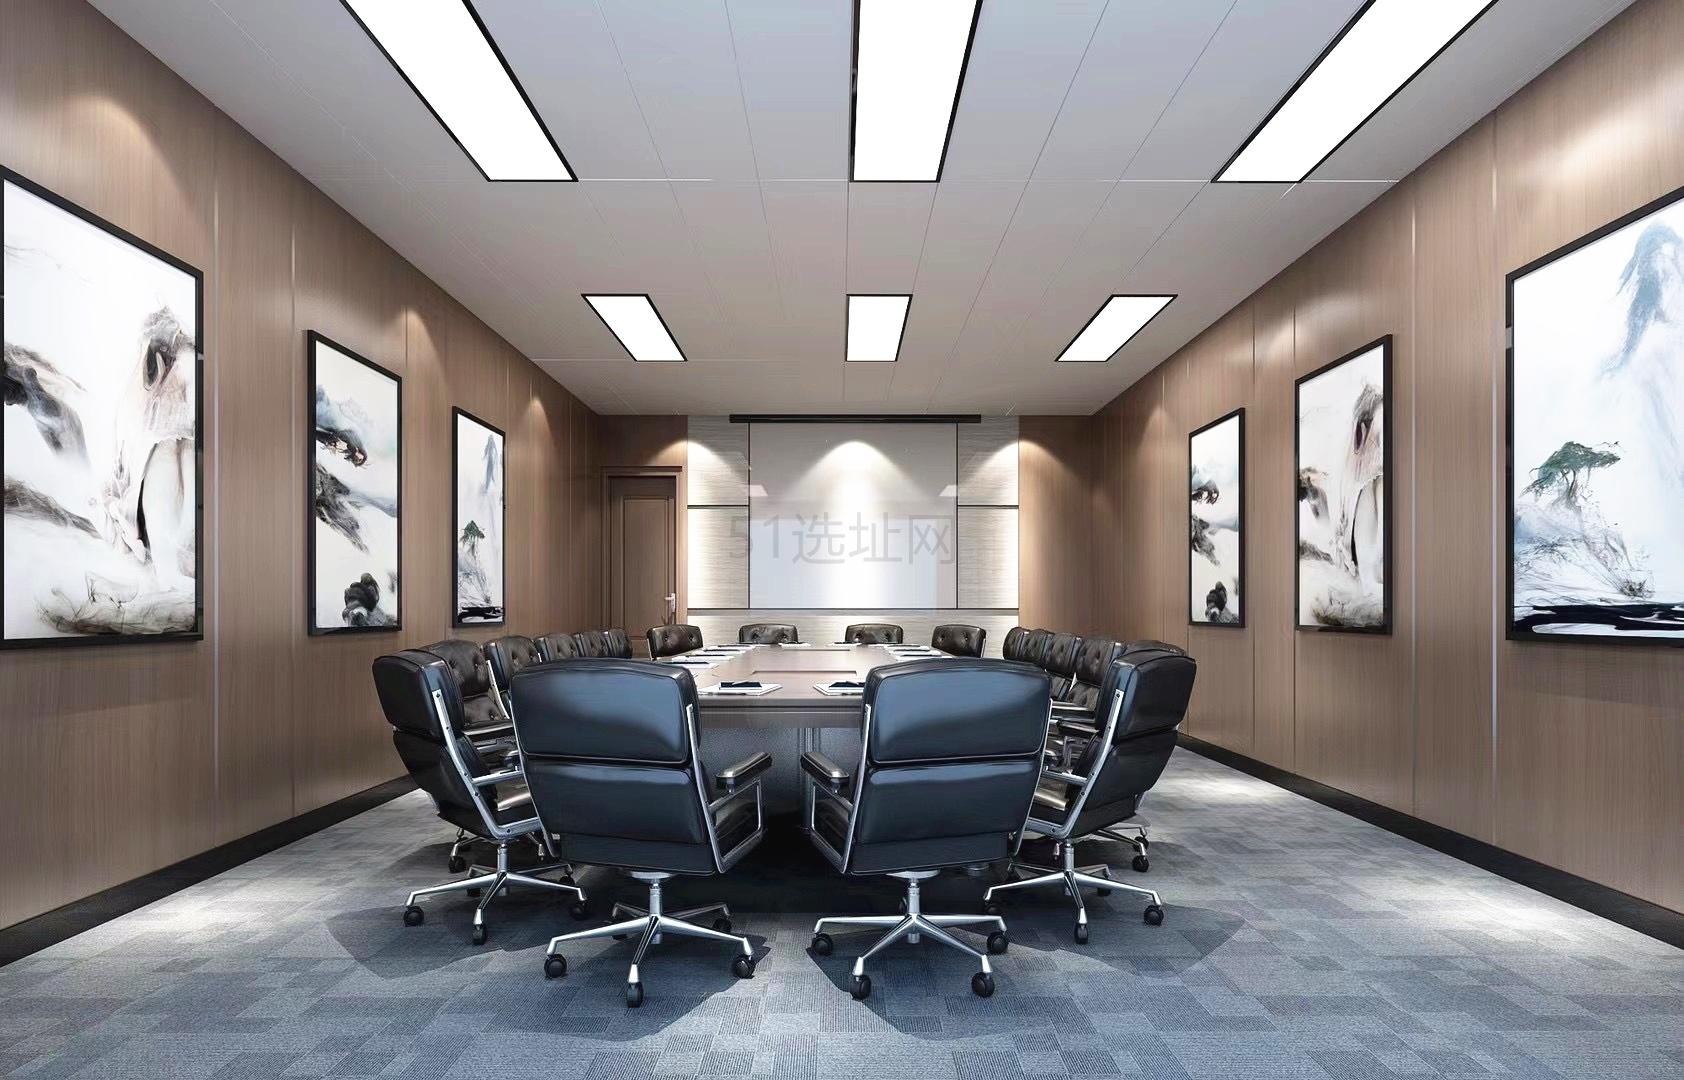 明悦大厦-悦空间会议室